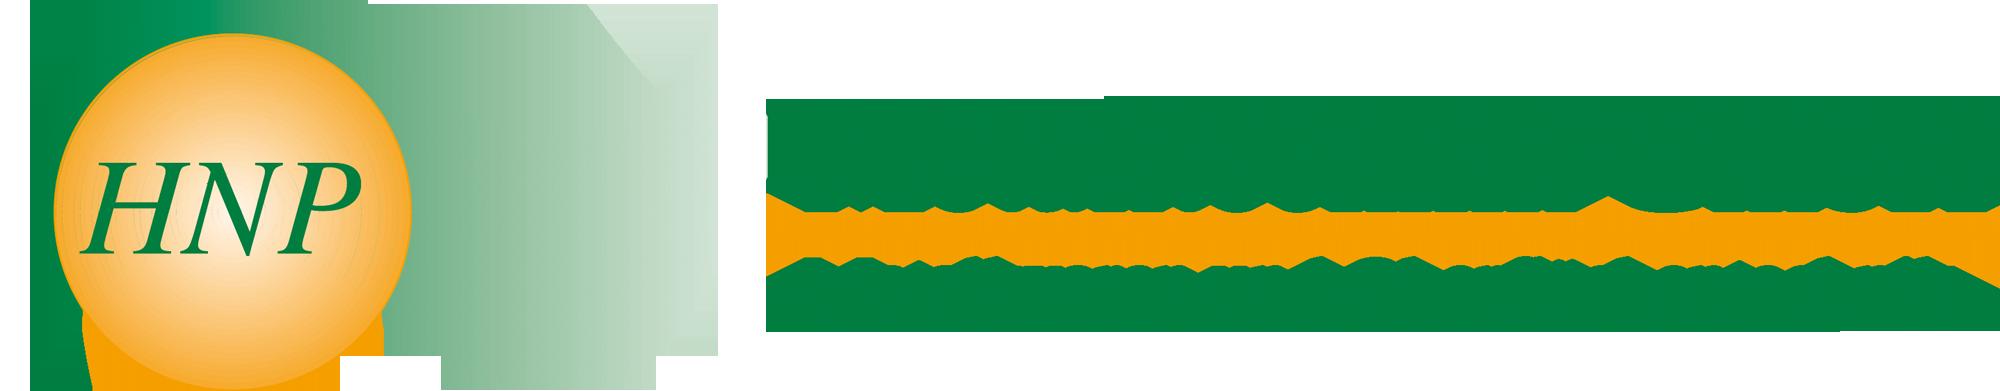 HNP Metalltechnik